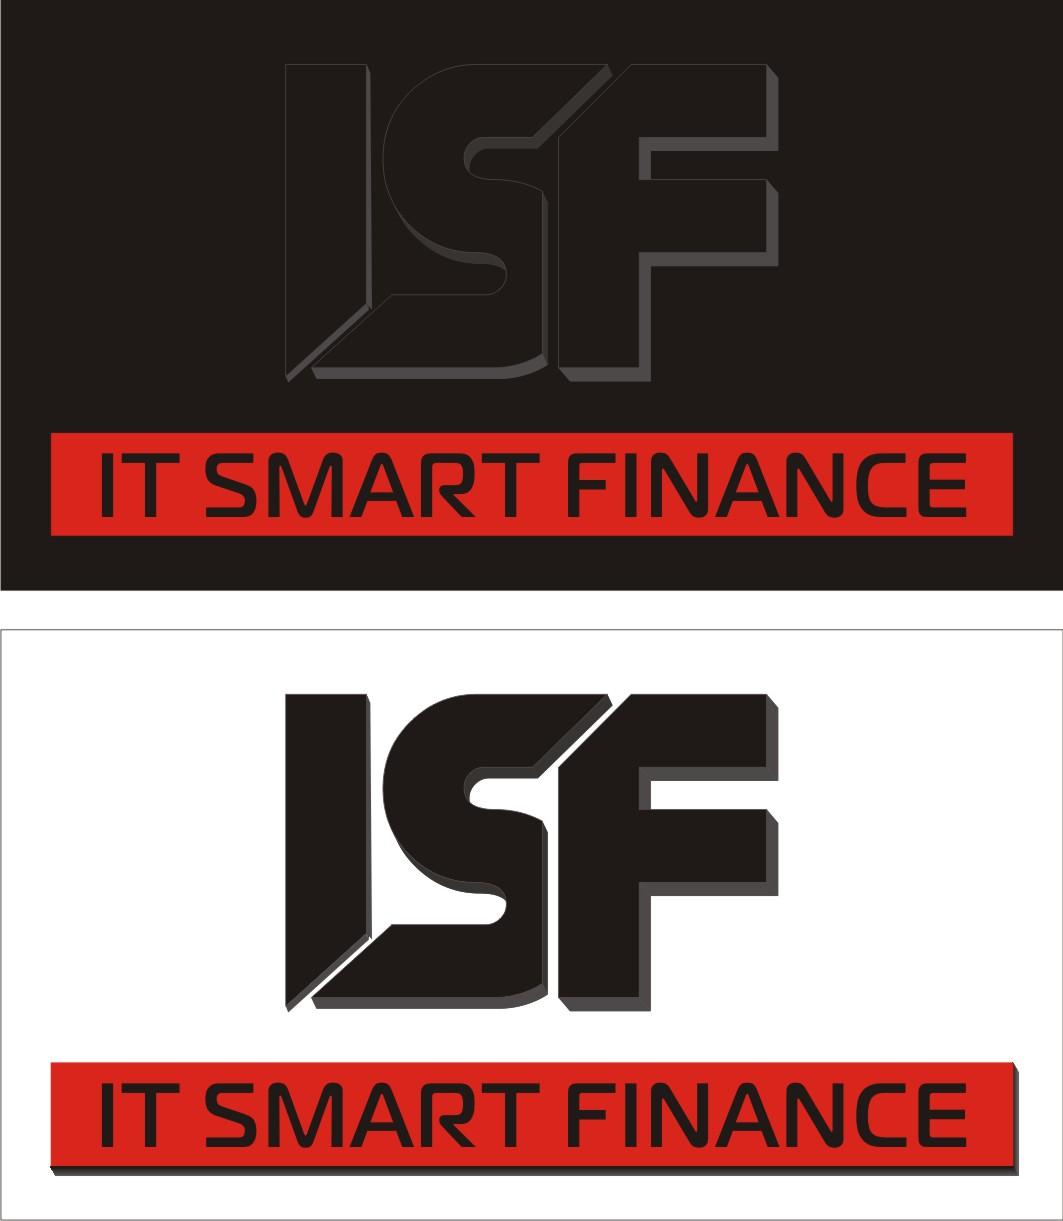 Разработка логотипа фото f_9945a2be4b7e9319.jpg